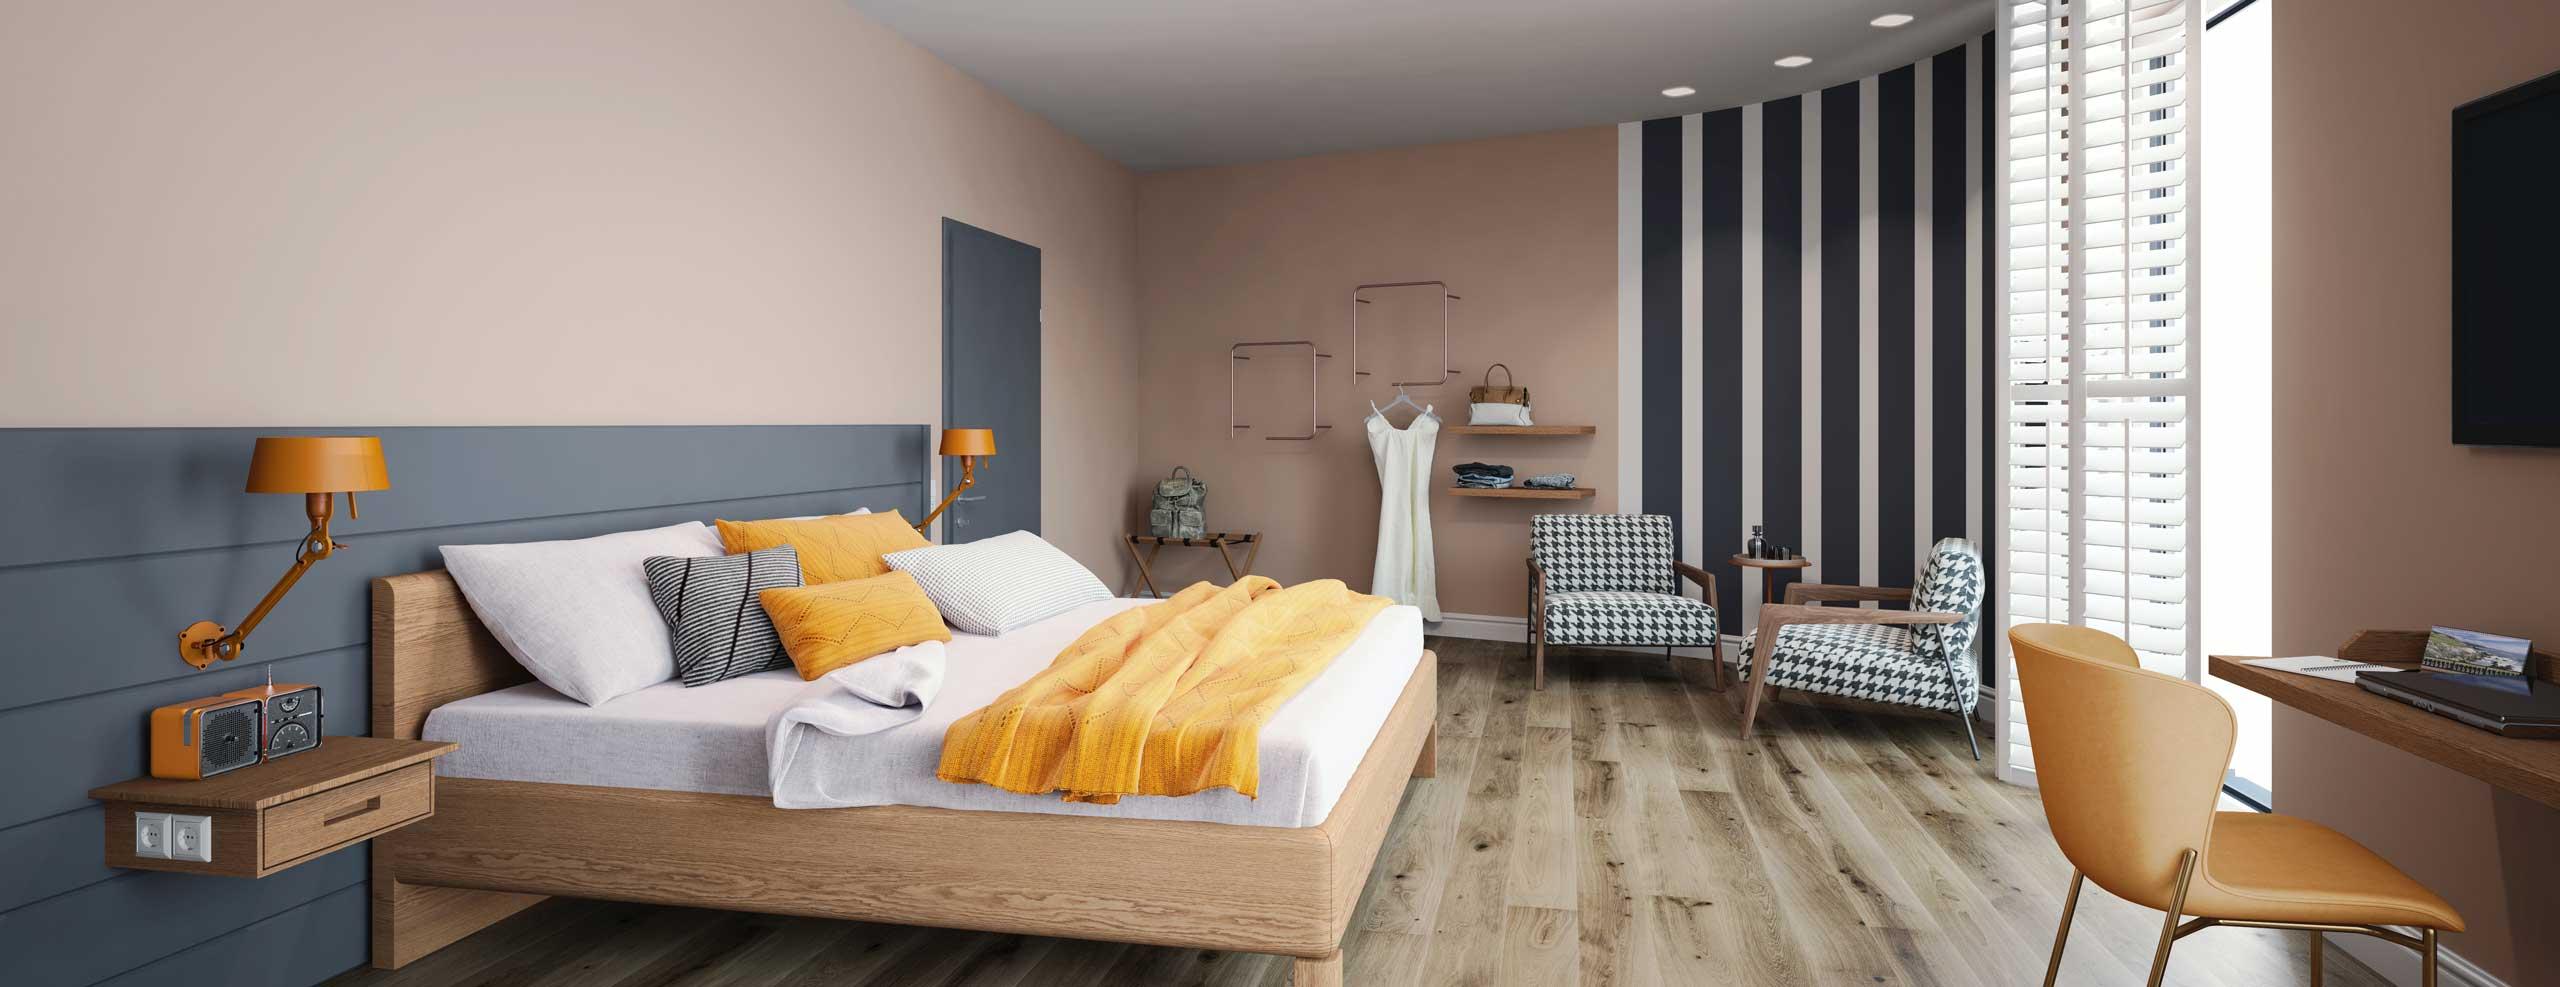 Blick in eines der Komfort-Zimmer des Hotel Neues Pastorat